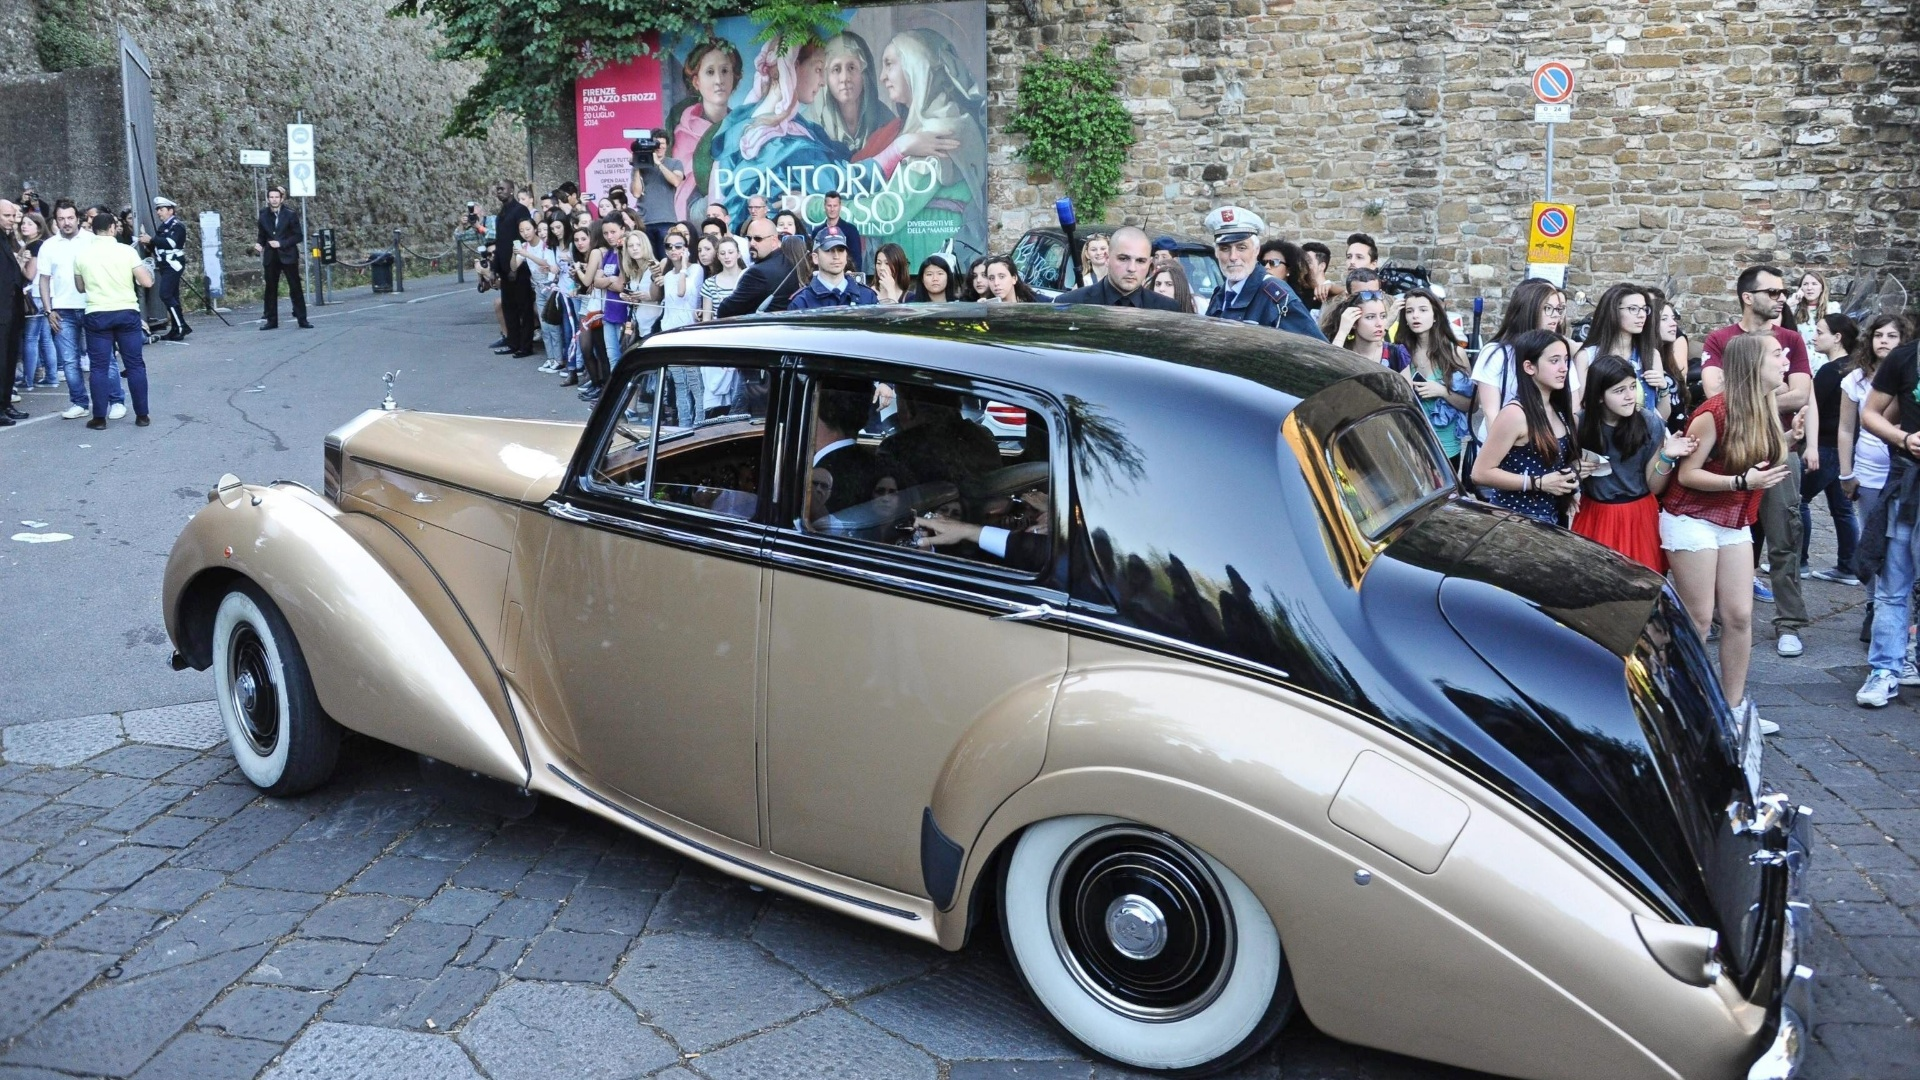 24.mai.2014 - Curiosos se aglomeram em hotel de Florença, onde convidados do casamento partem para o casamento no Forte di Belvedere